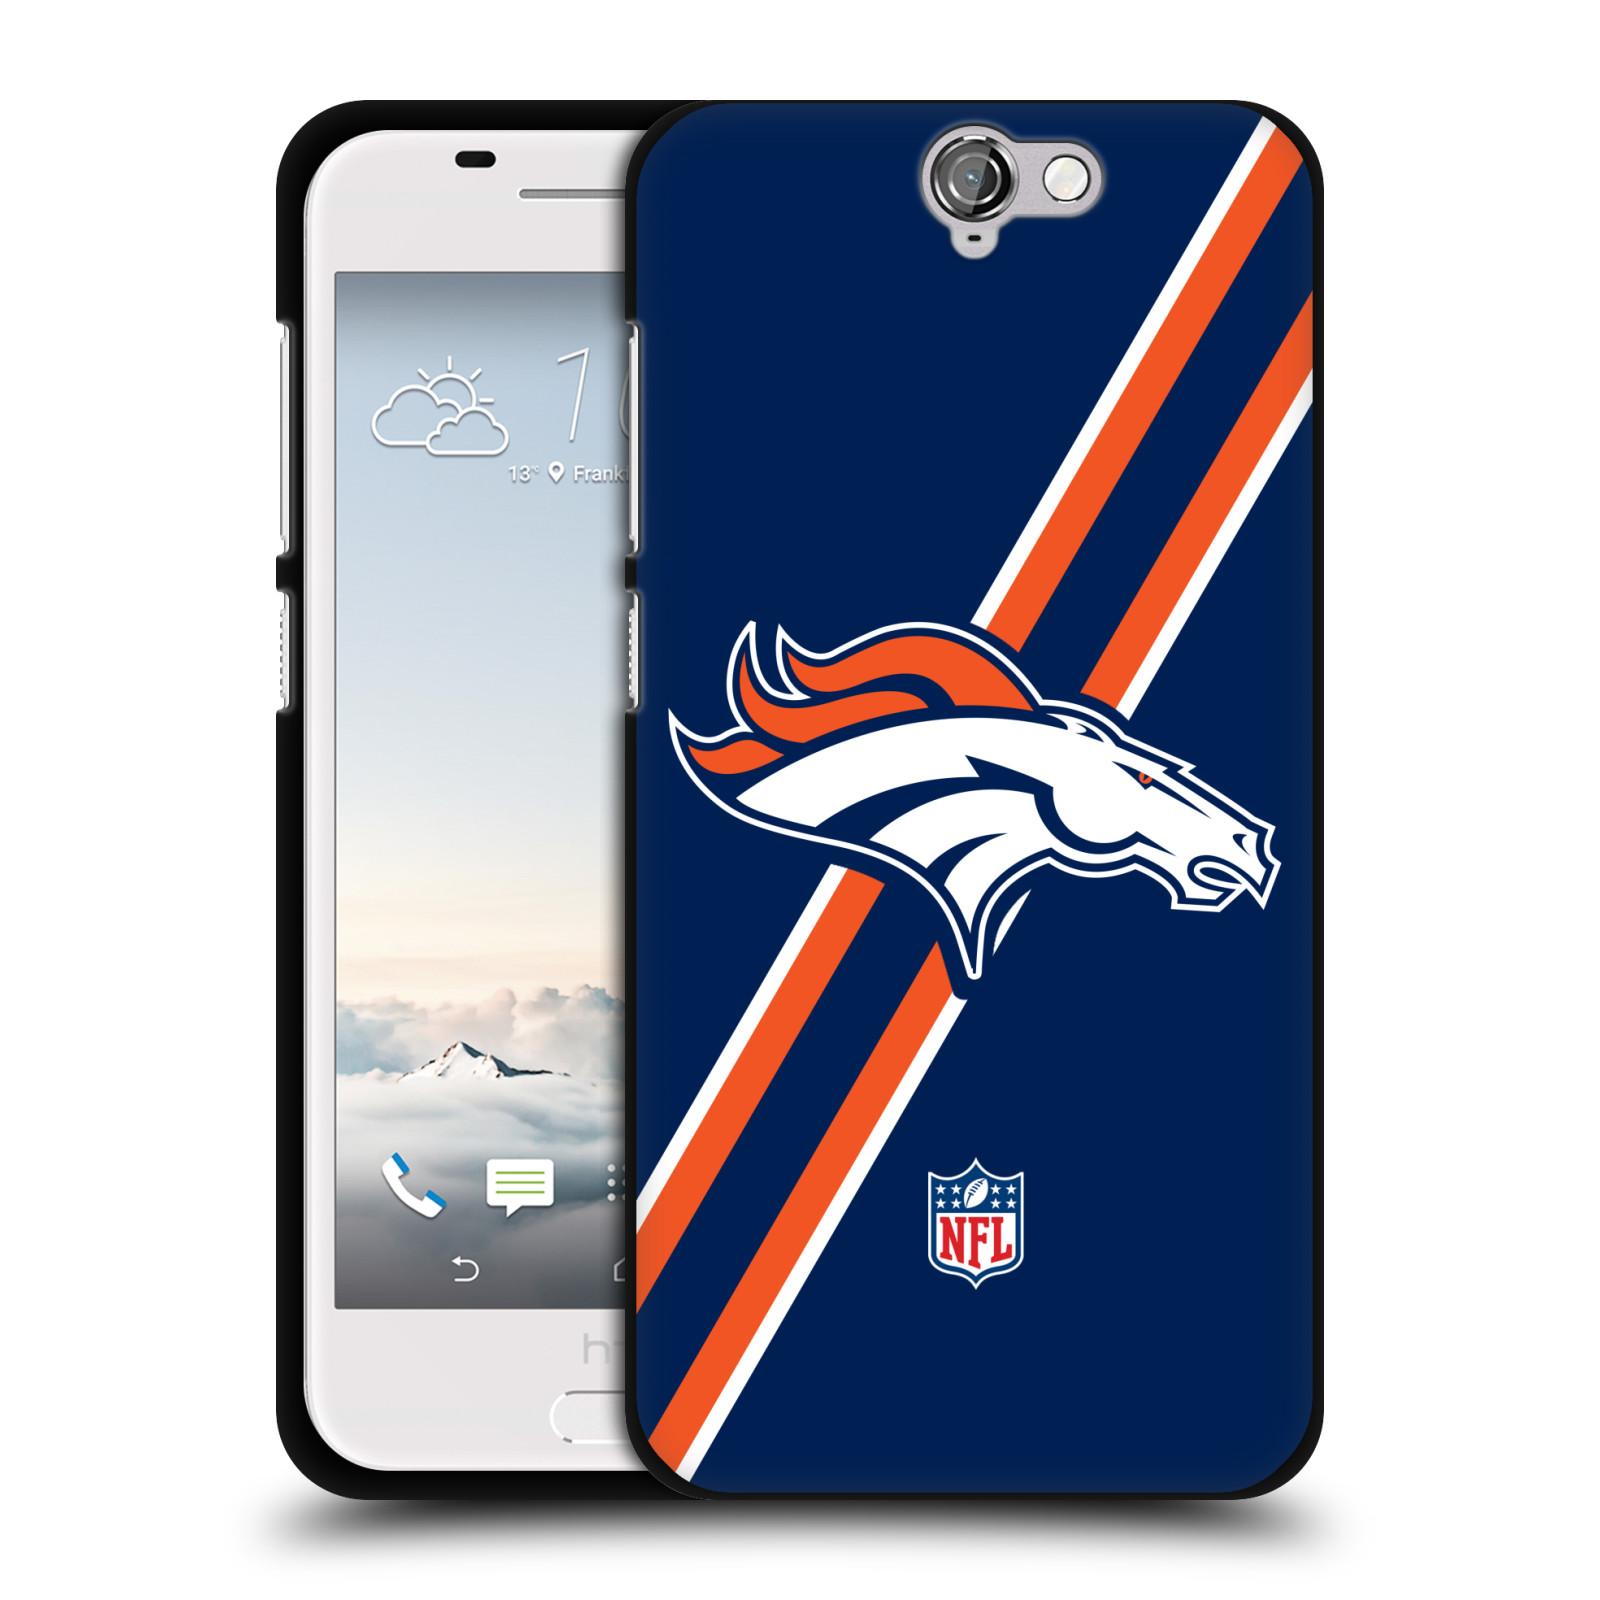 OFFICIAL-NFL-DENVER-BRONCOS-LOGO-BLACK-SOFT-GEL-CASE-FOR-HTC-PHONES